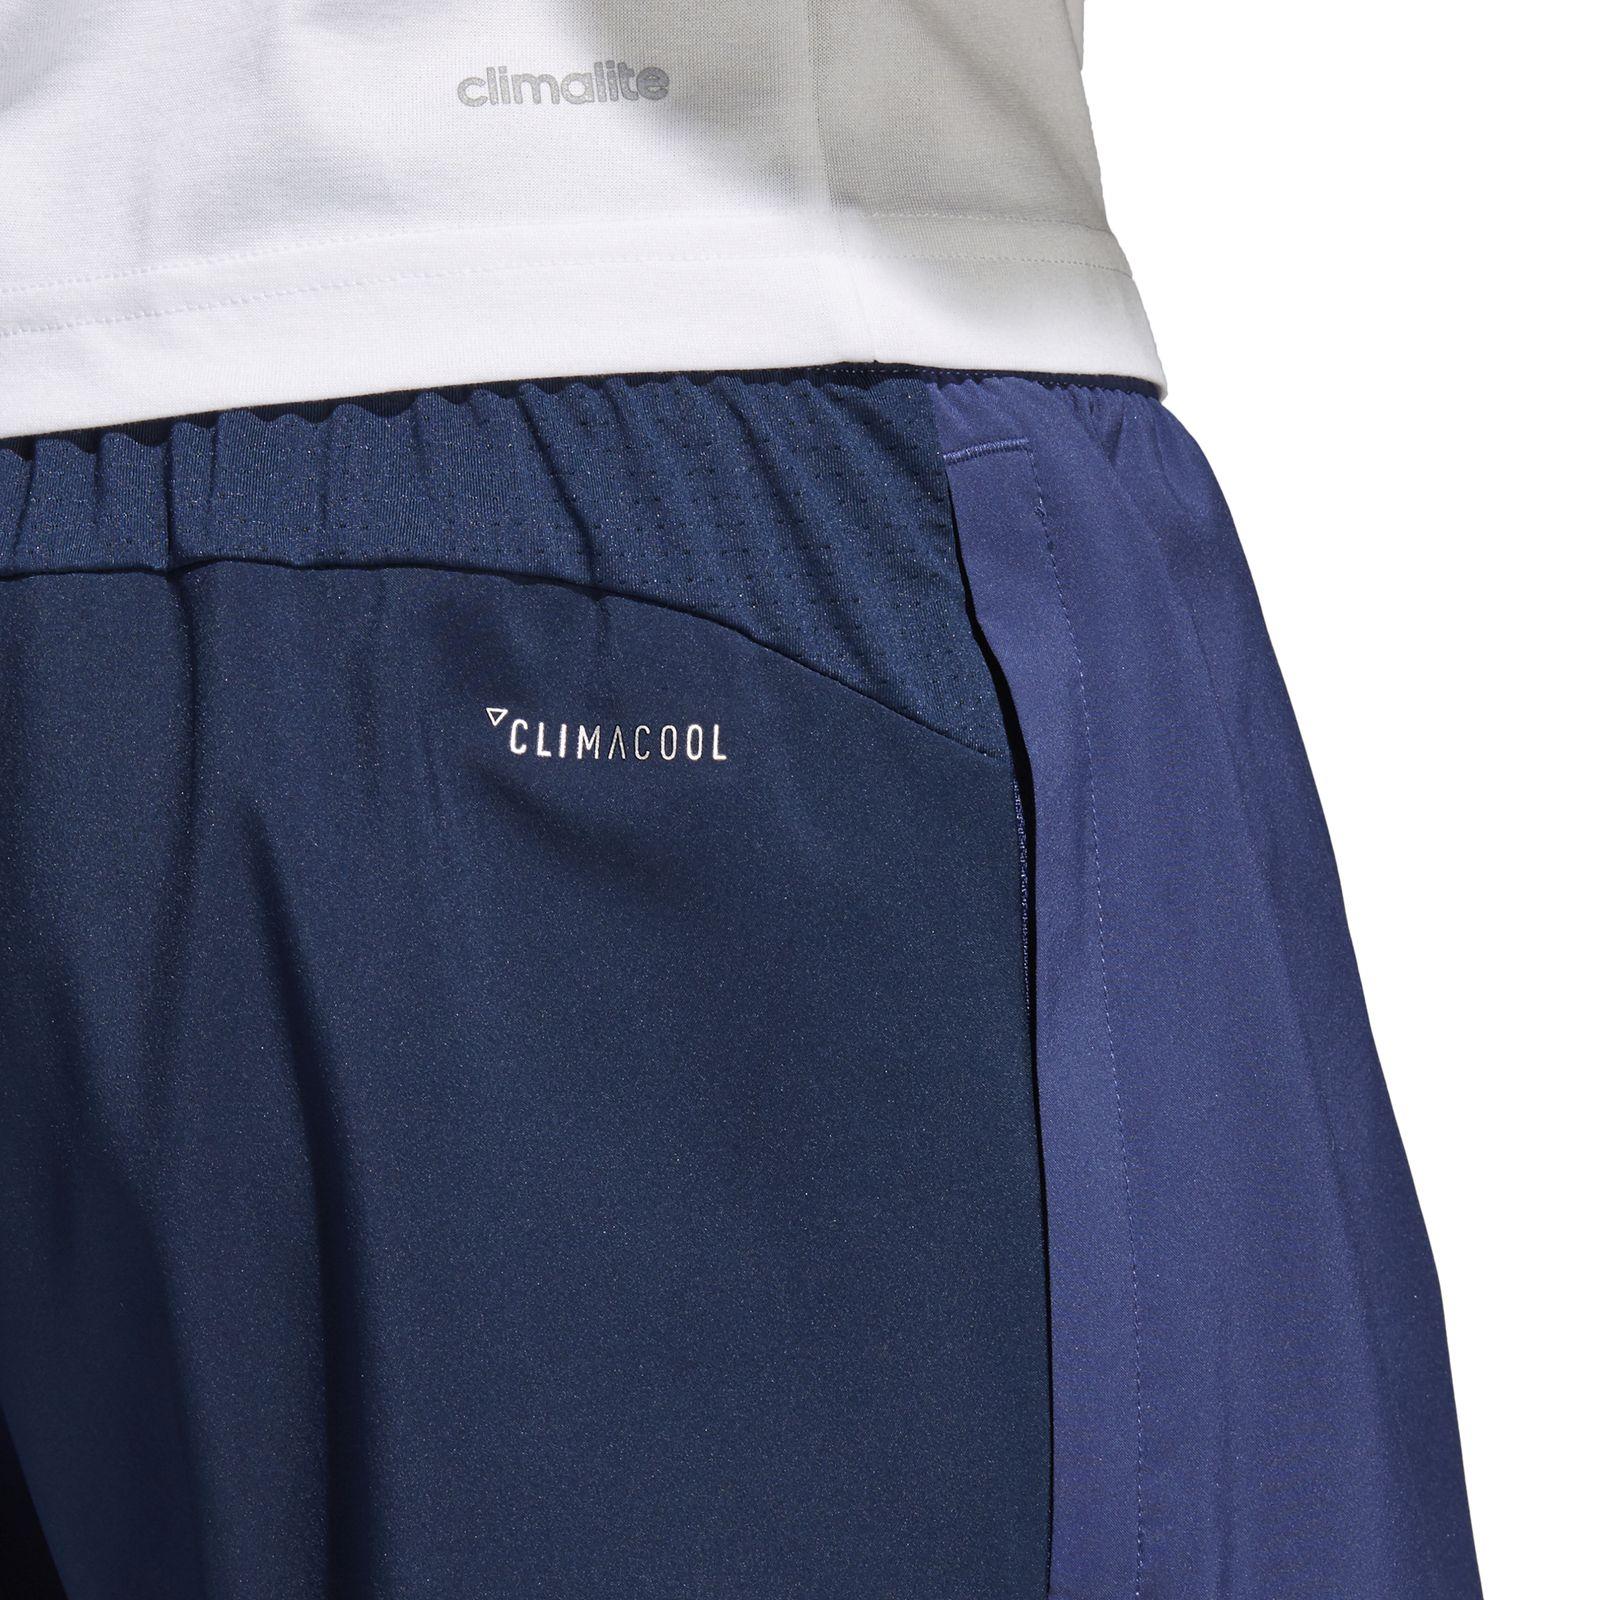 Details zu adidas Performance Herren Sport Freizeit 4KRFT SHORT CLIMACOOL WOVEN blau